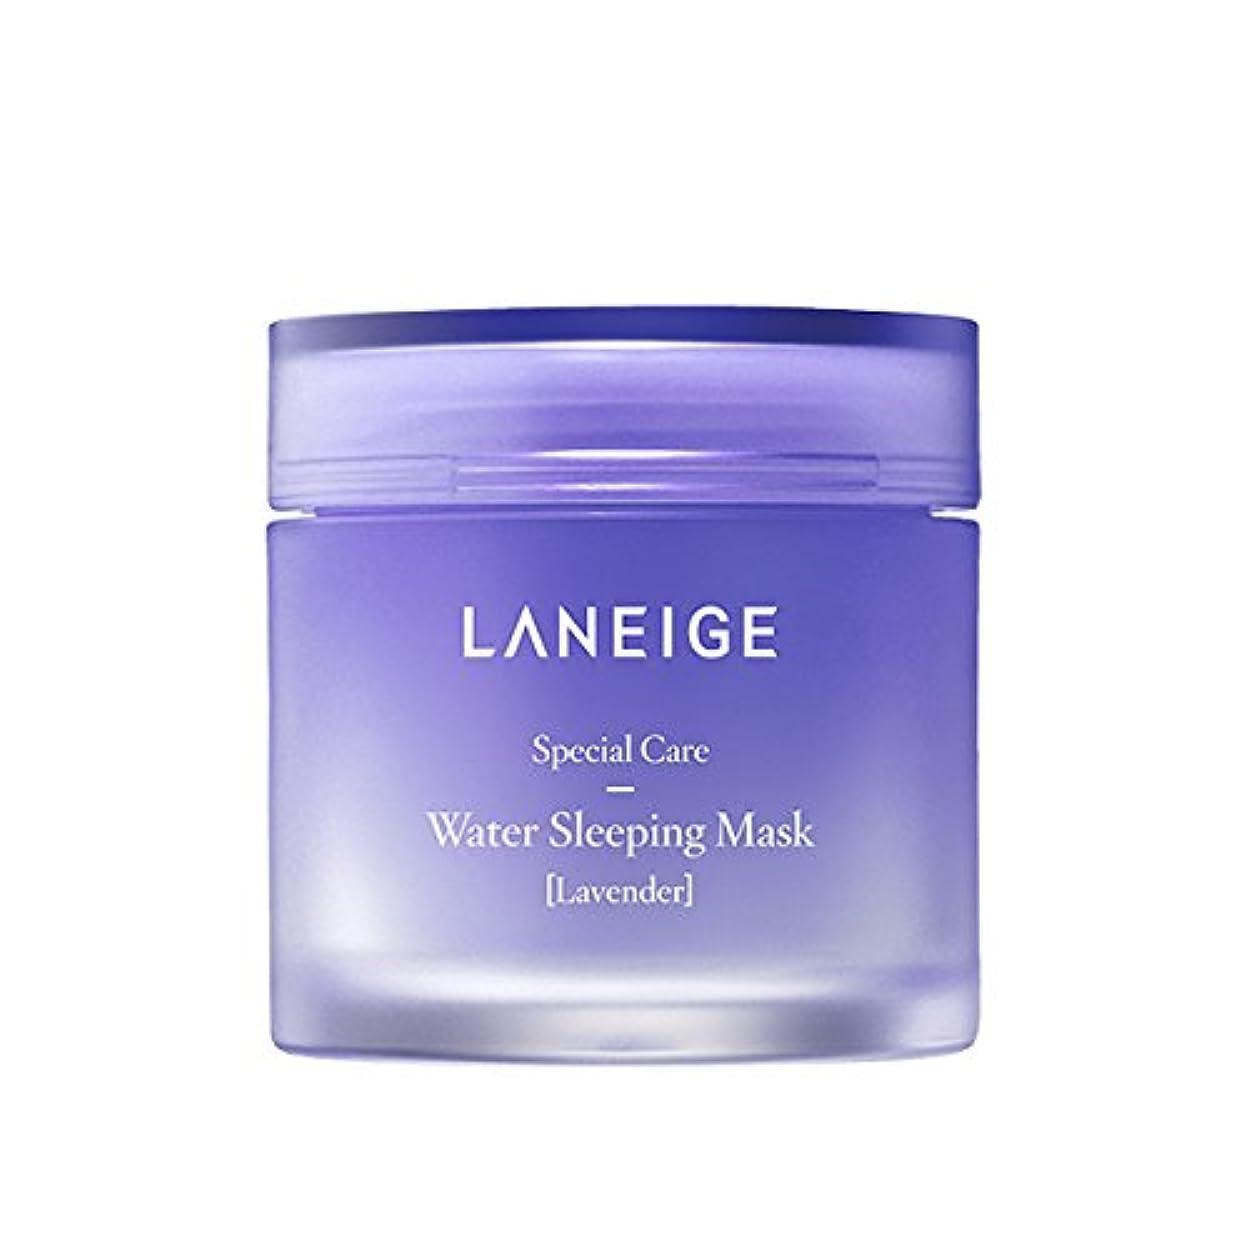 口実予定溶融LANEIGE Water Sleeping Mask [Lavender] 70ml/ラネージュ ウォーター スリーピング マスク [ラベンダー] 70ml [並行輸入品]